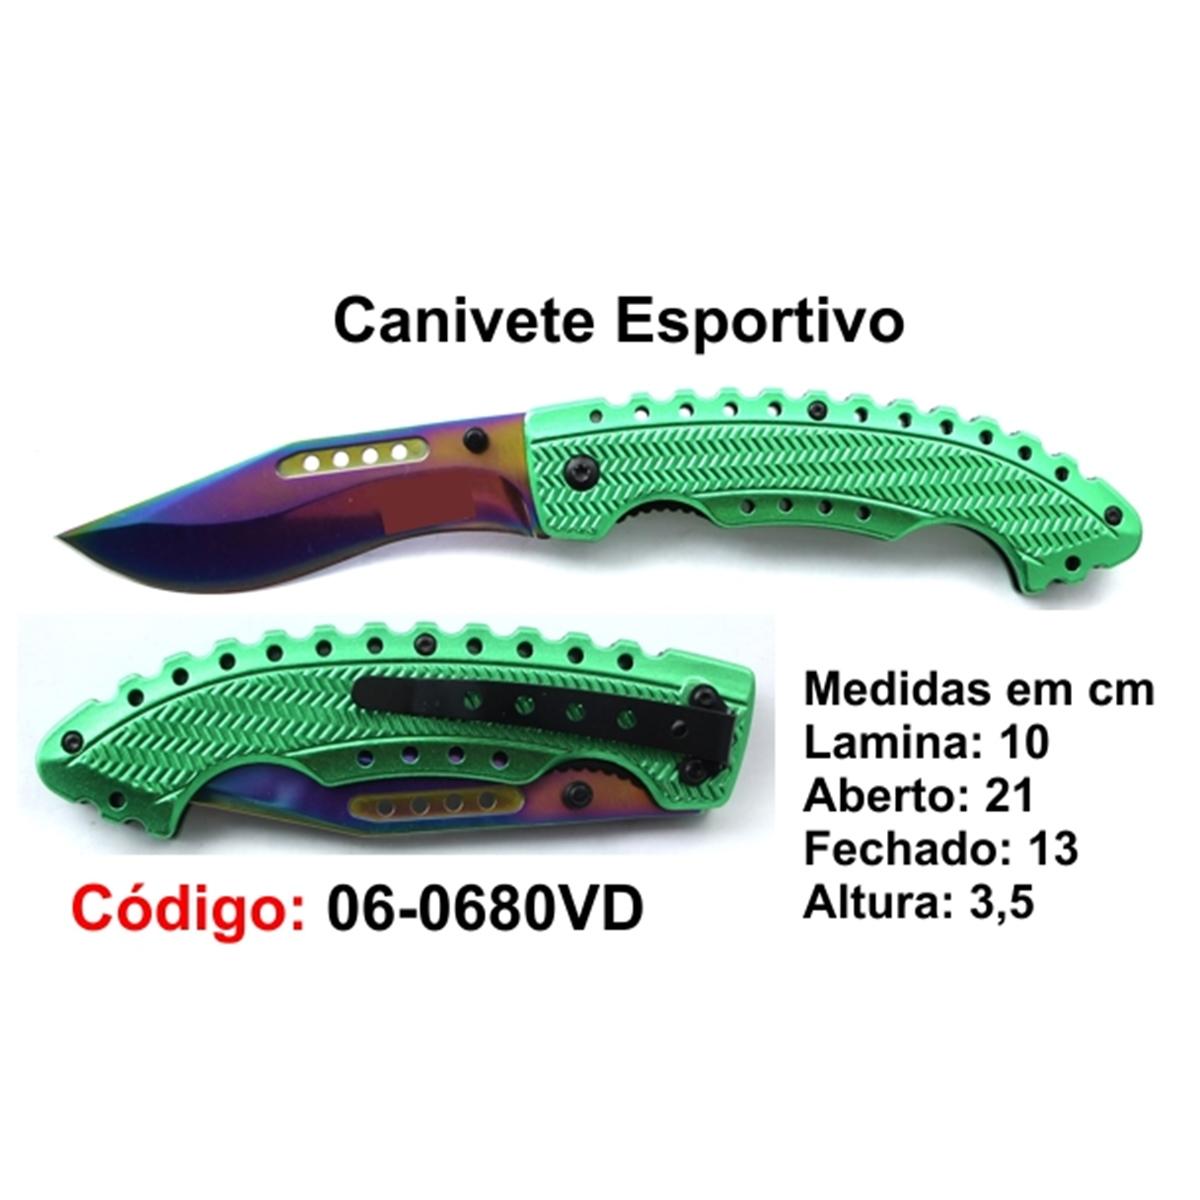 Canivete Esportivo Caça Pesca Etc. 06-0680VD